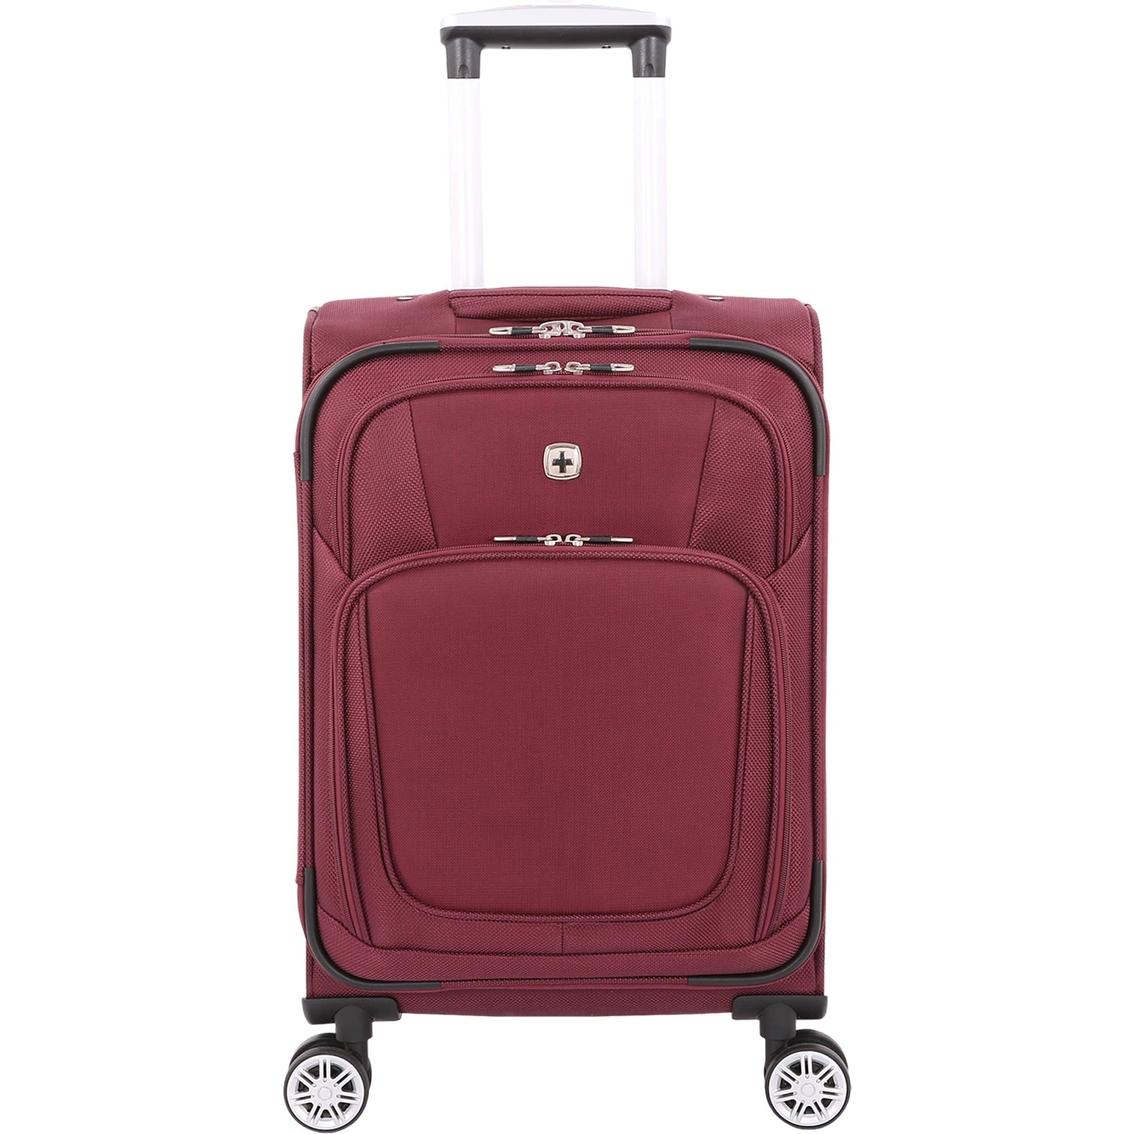 8008b009ff6a Swissgear Zurich Ii 20 In. Spinner Luggage